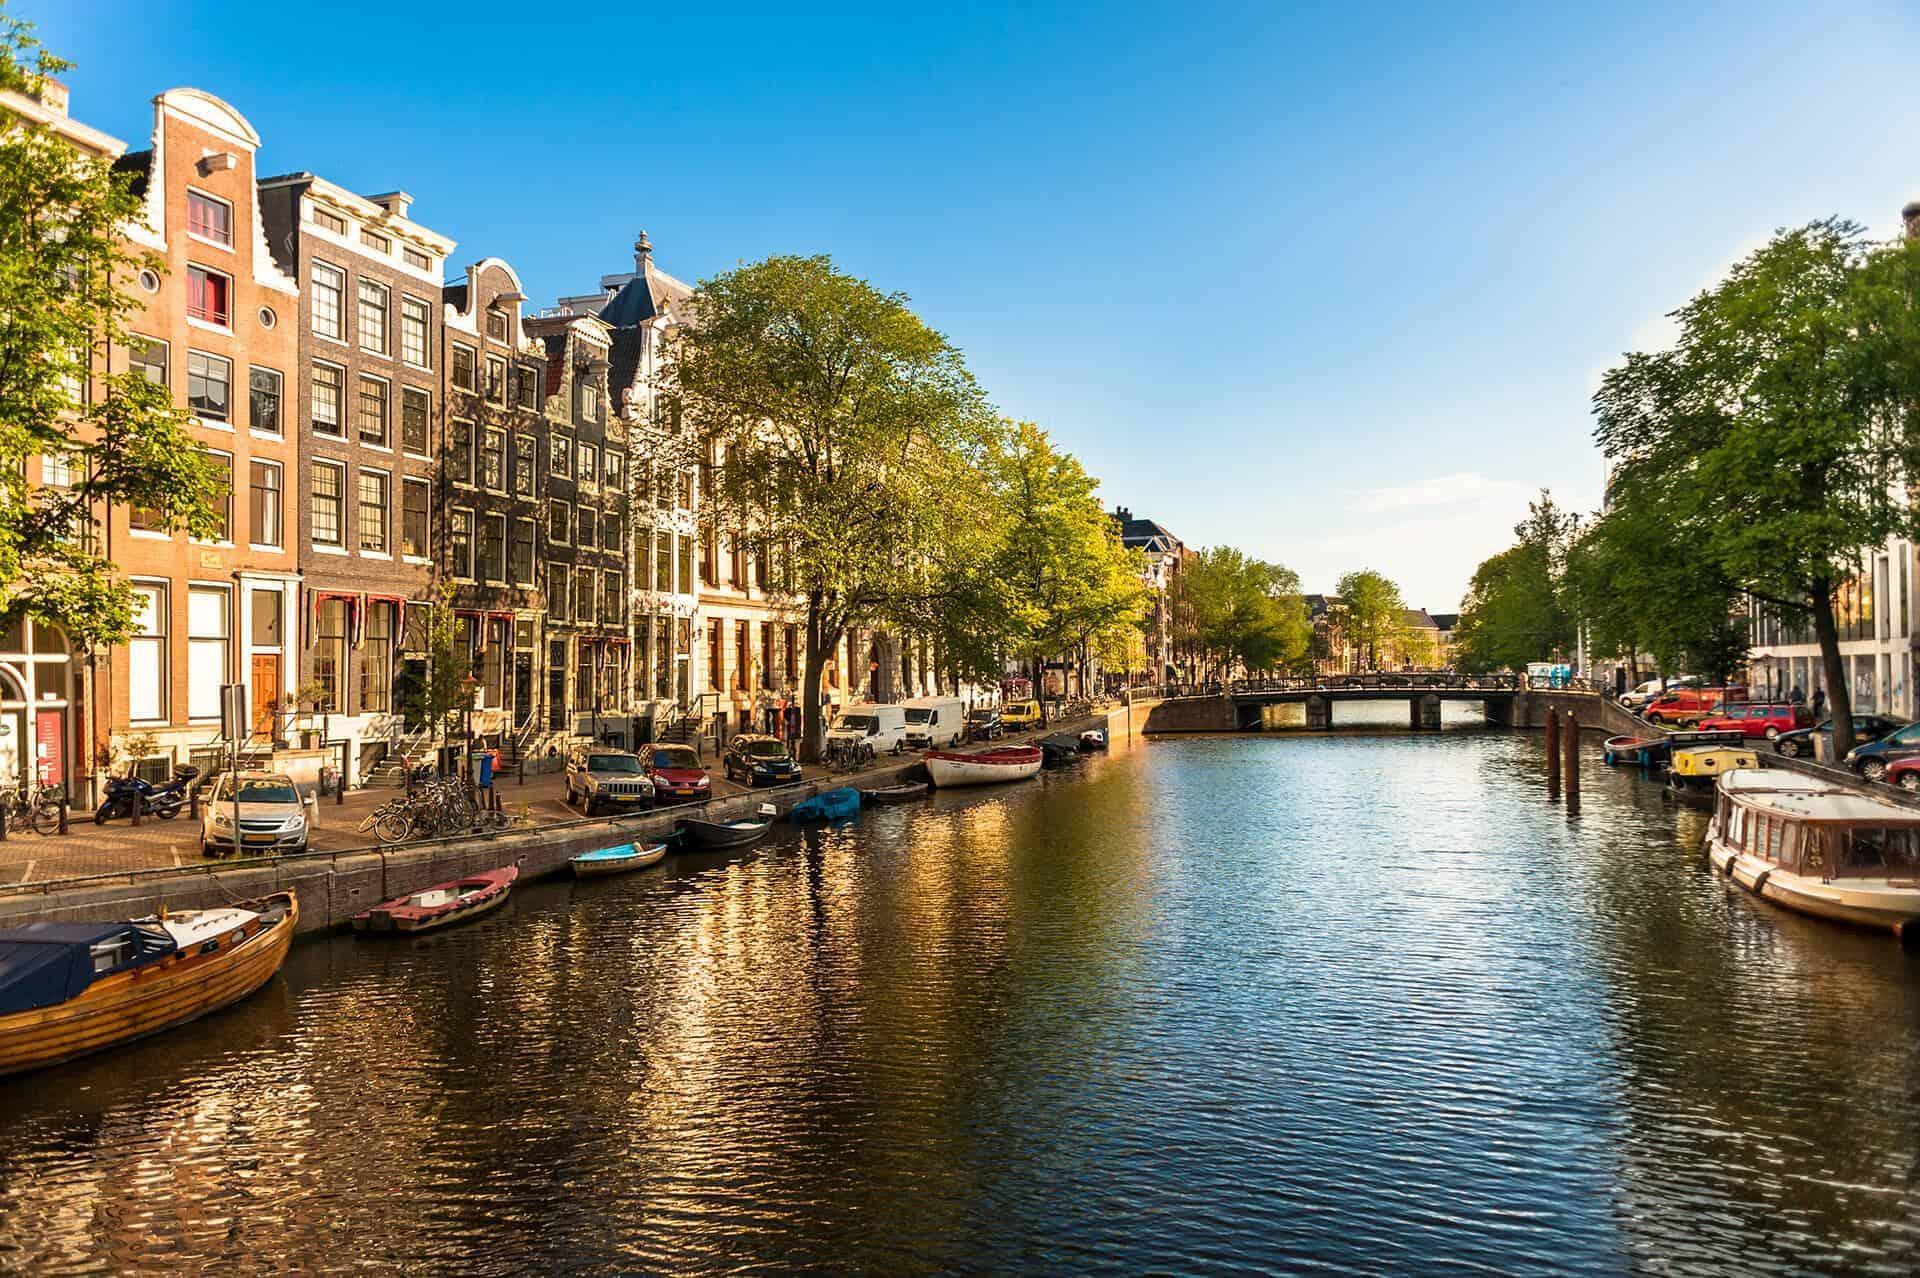 quel pass amsterdam choisir pour visiter amsterdam  comparatif 2018